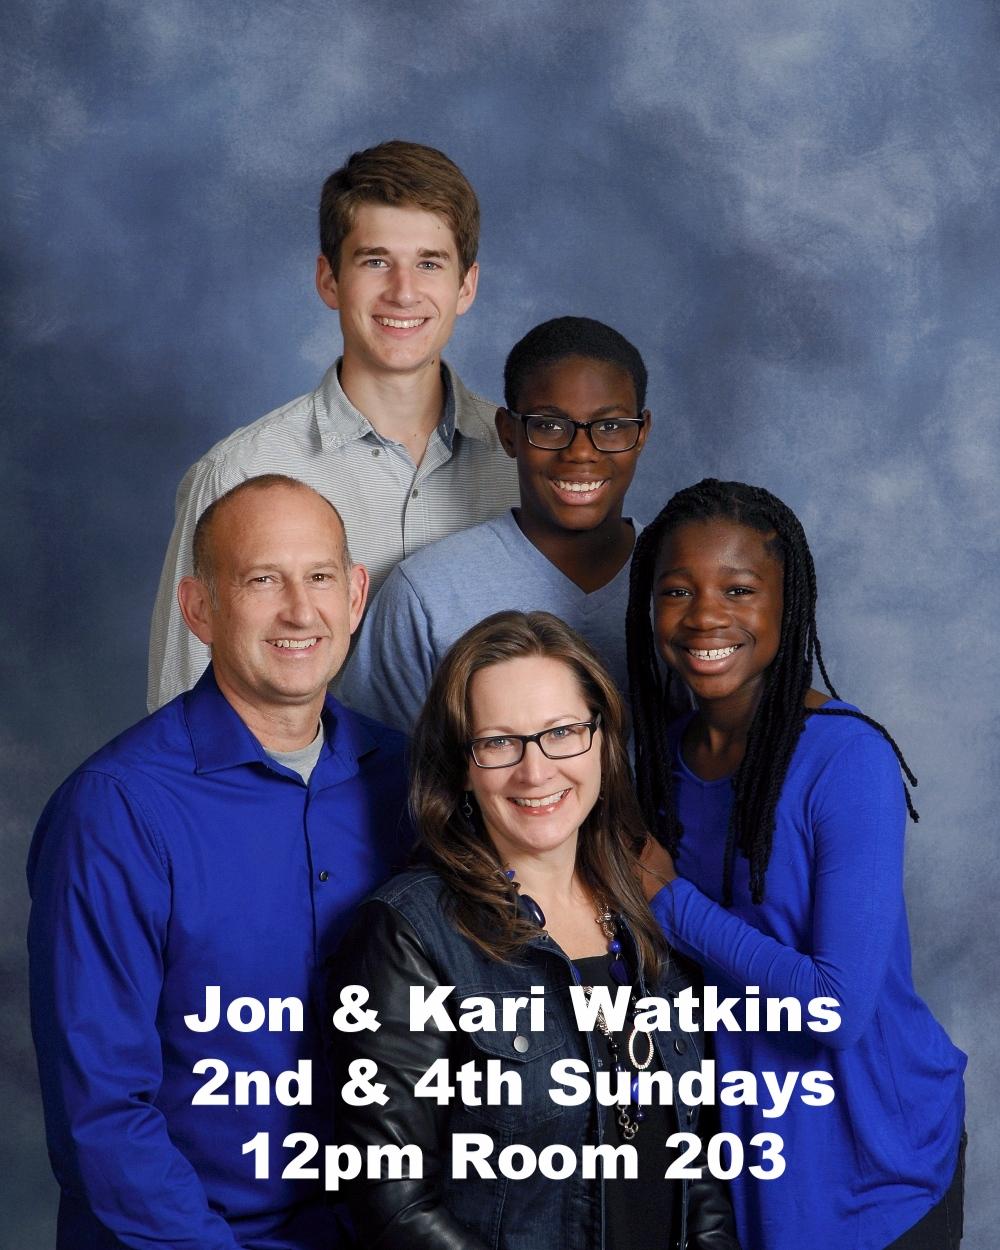 WATKINS, Jon & Kari; Charlie, Tate, Tani.jpg